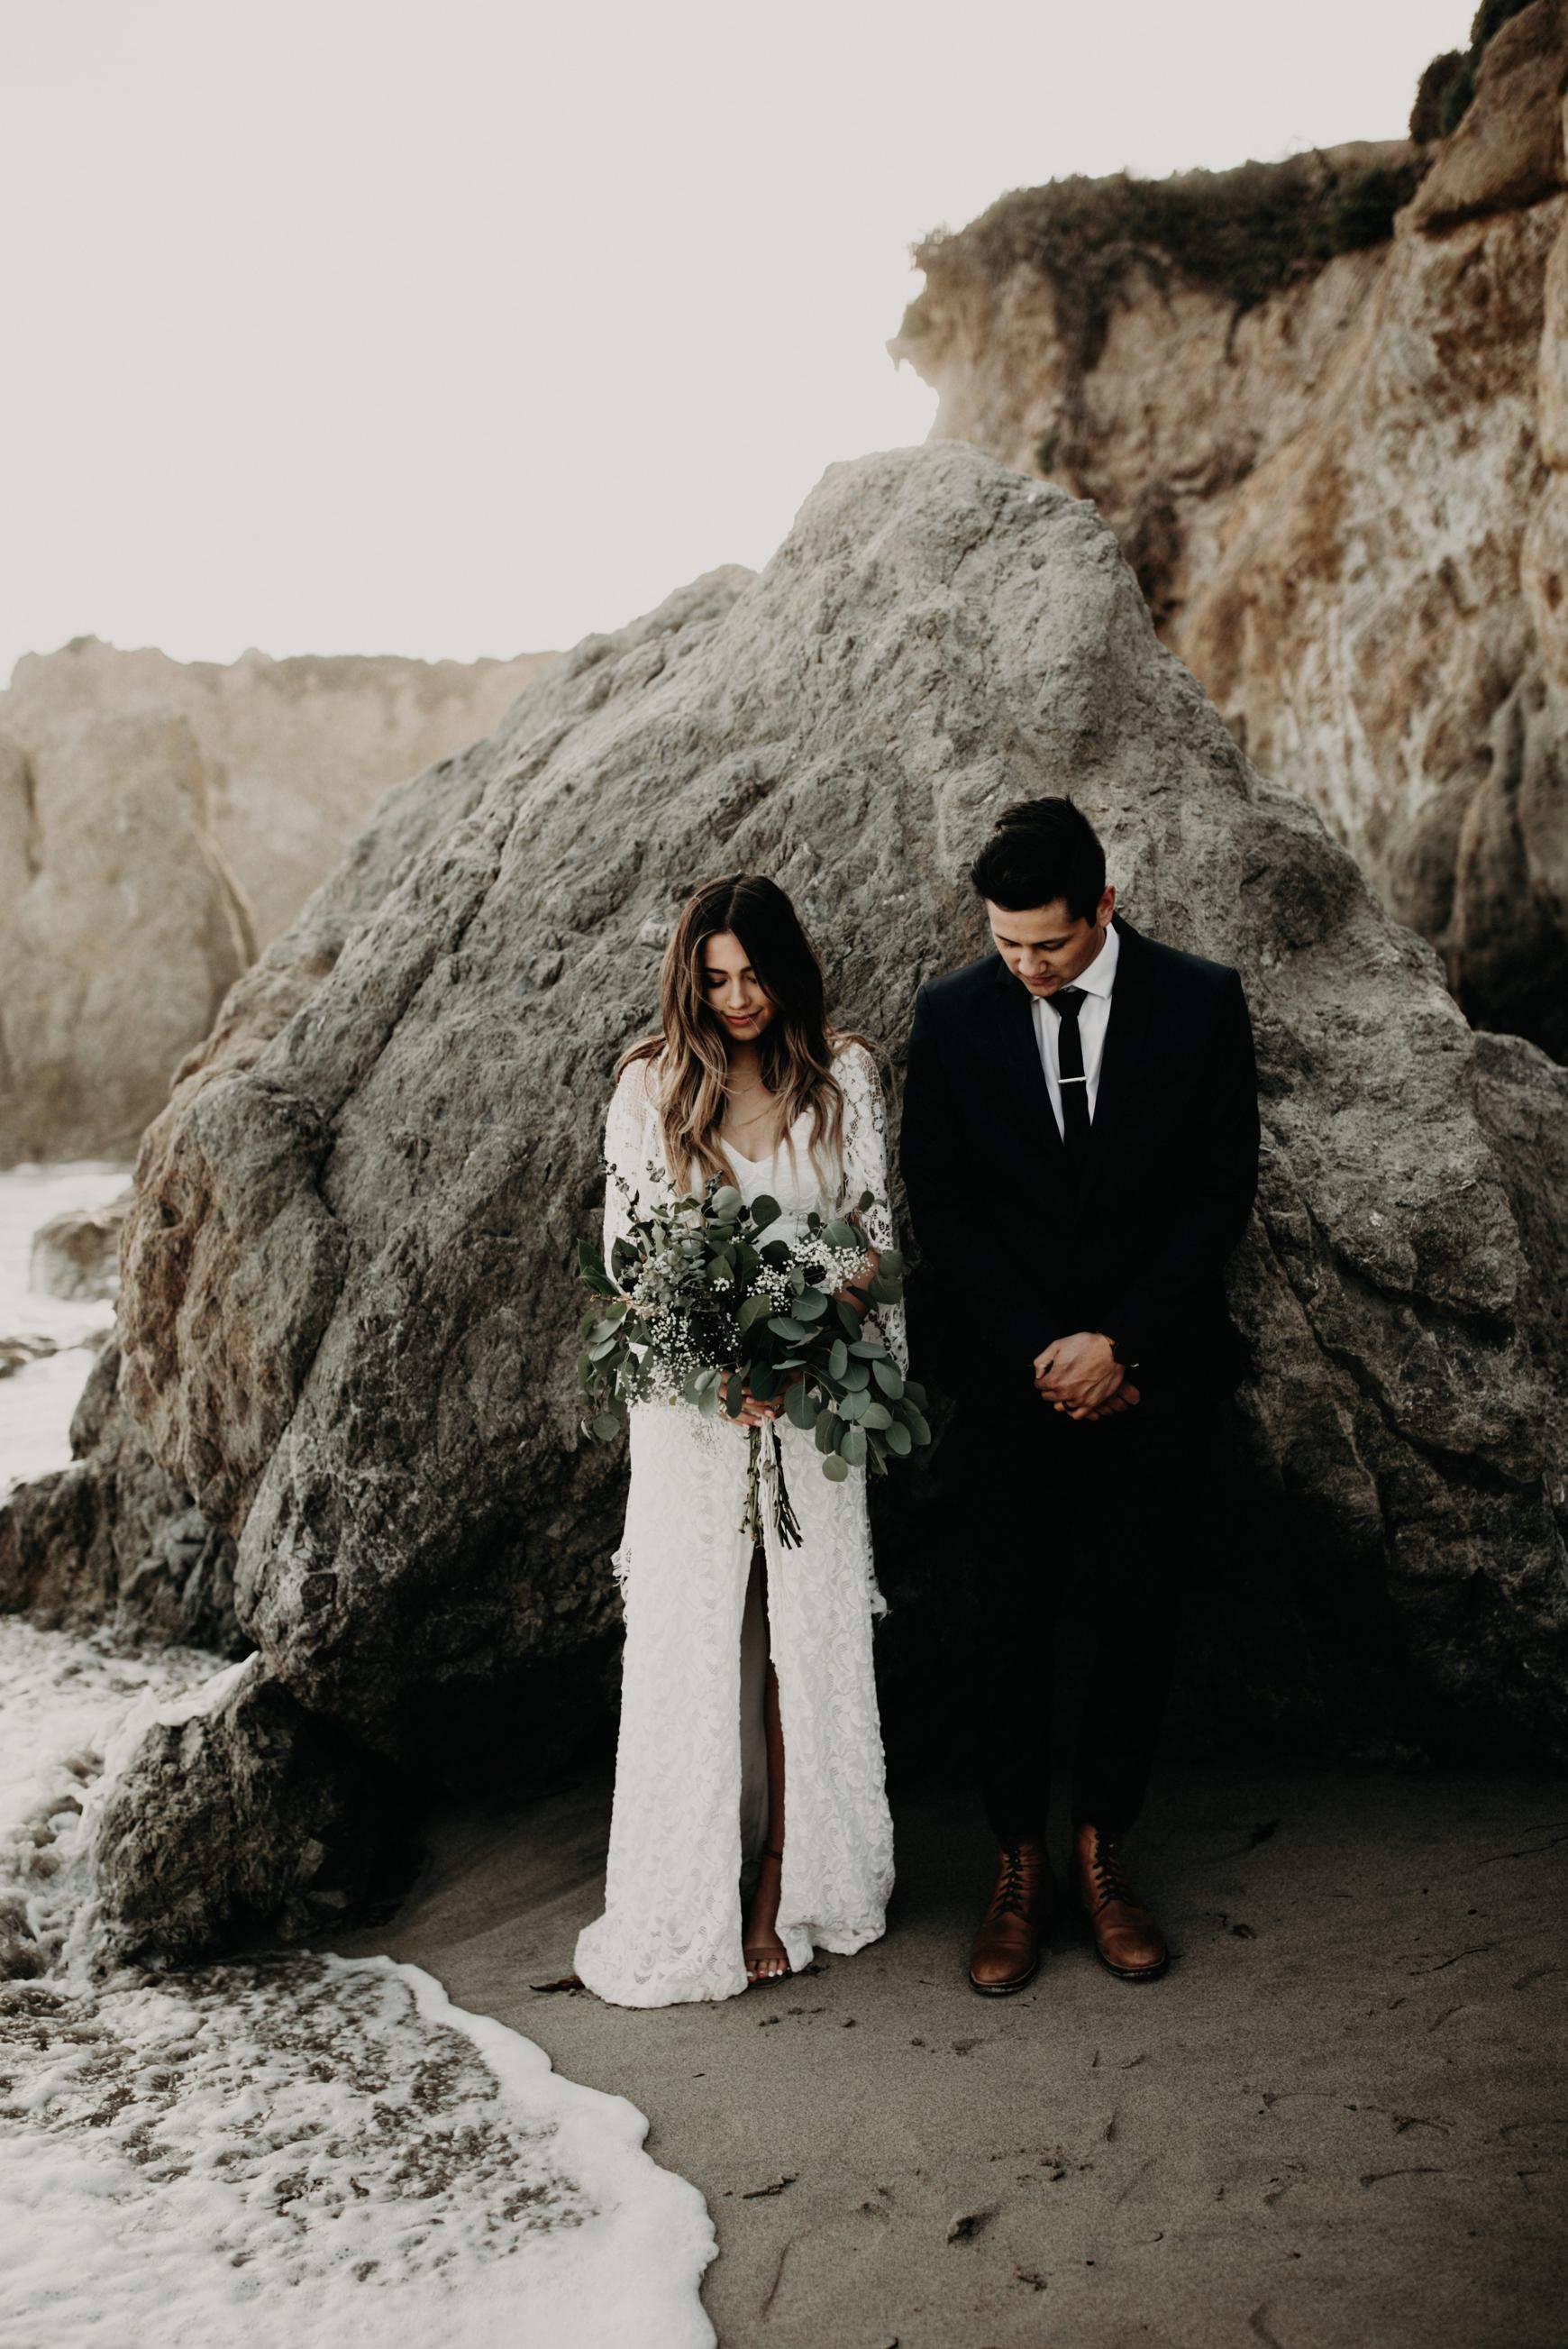 El Matador Beach Bridal Portraits Justellen & TJ Emily Magers Photography-206Emily Magers Photography.jpg